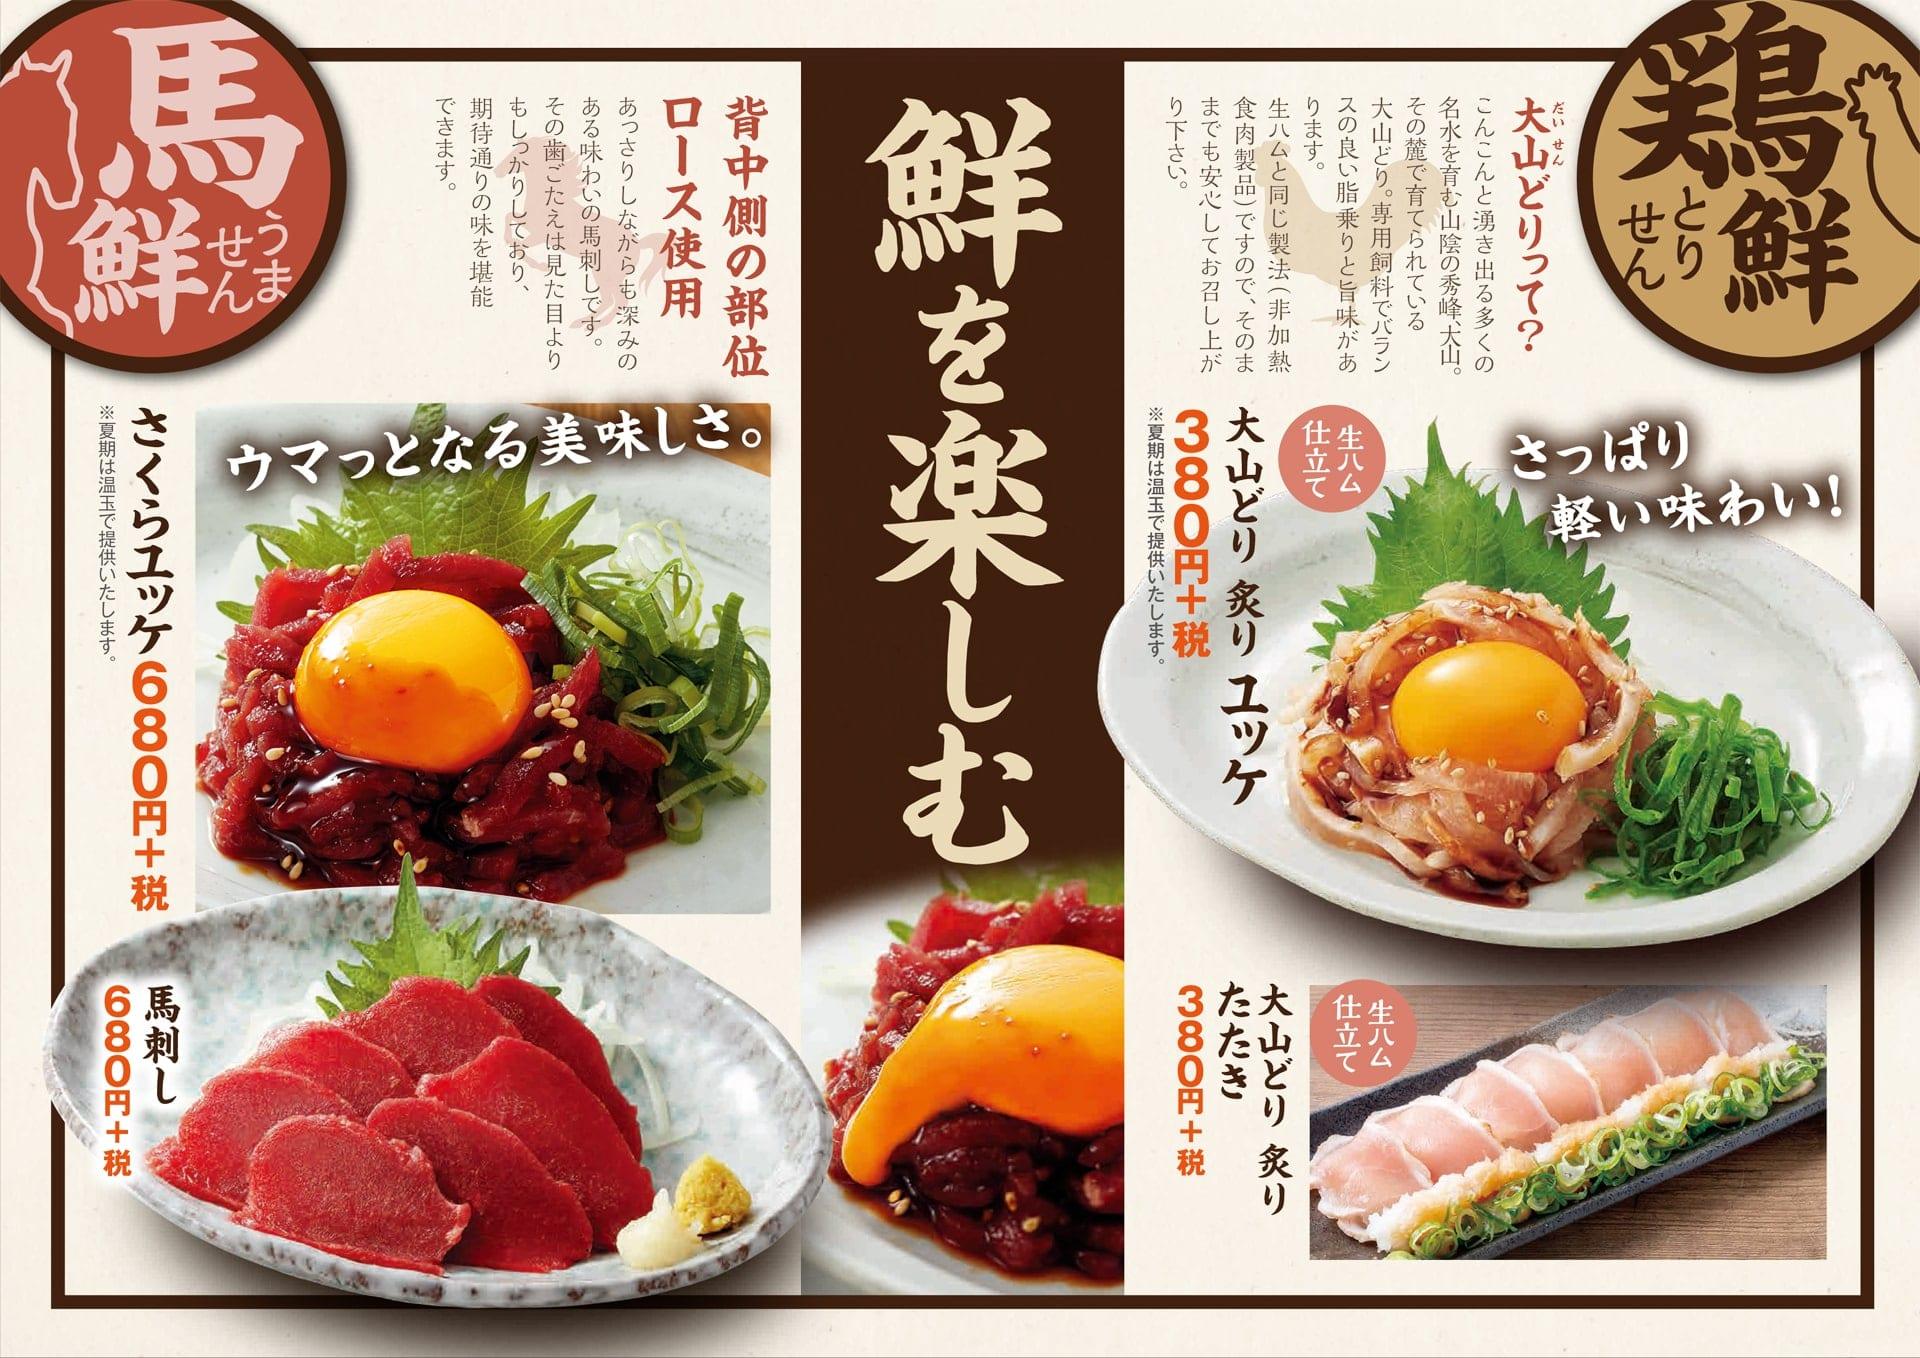 八剣食堂 鶏鮮・馬鮮